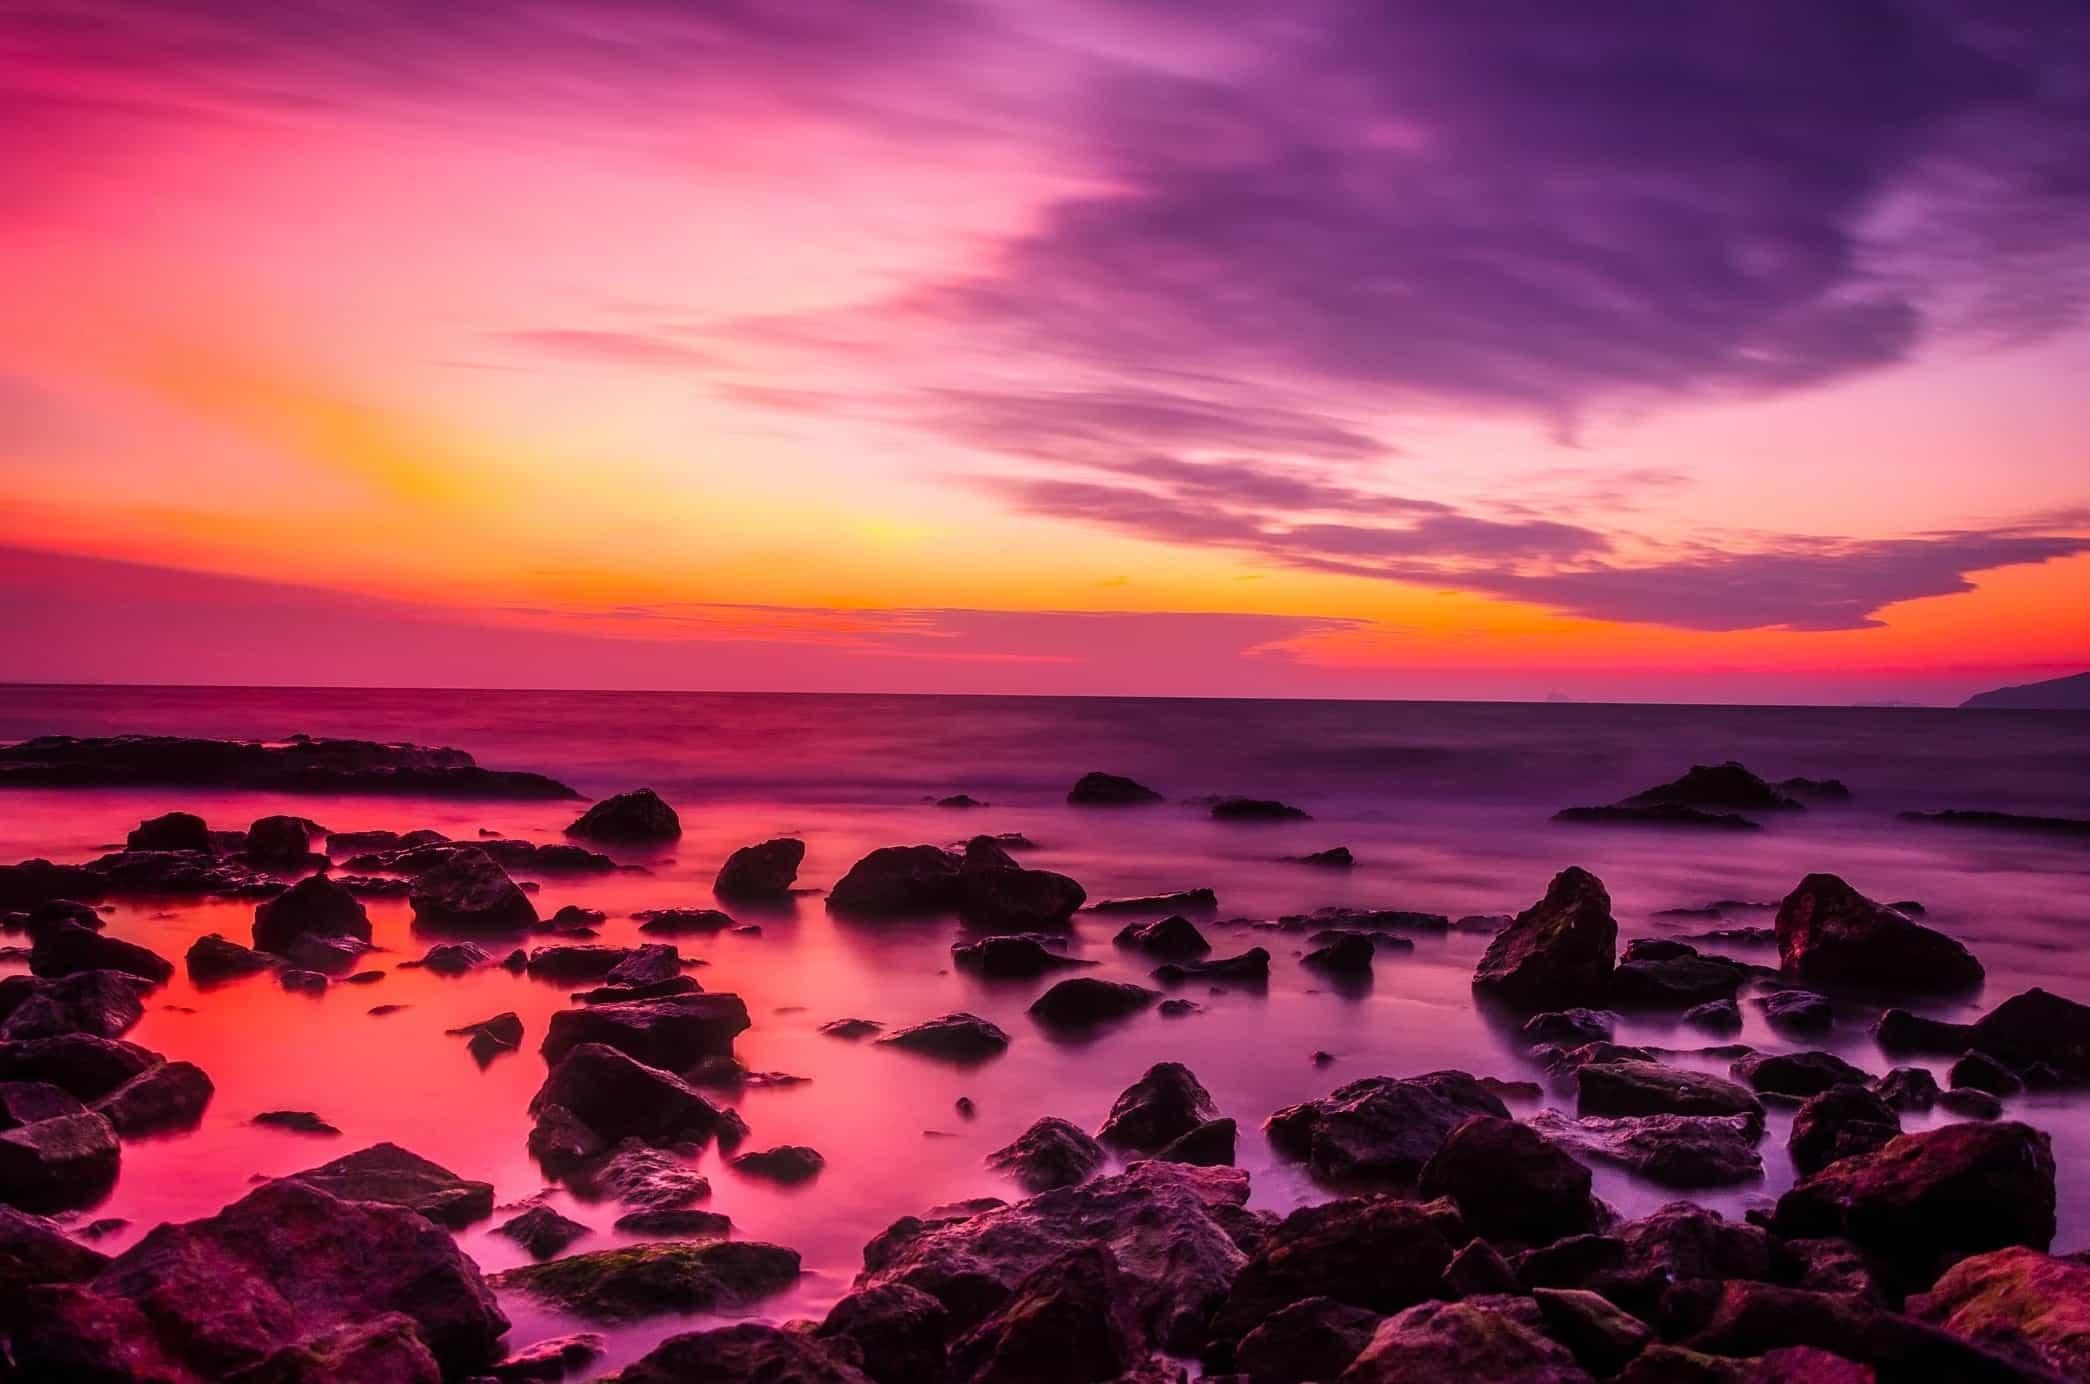 Violet Wallpaper Hd Image Libre Lever Du Soleil Color 233 Cr 233 Puscule Aube